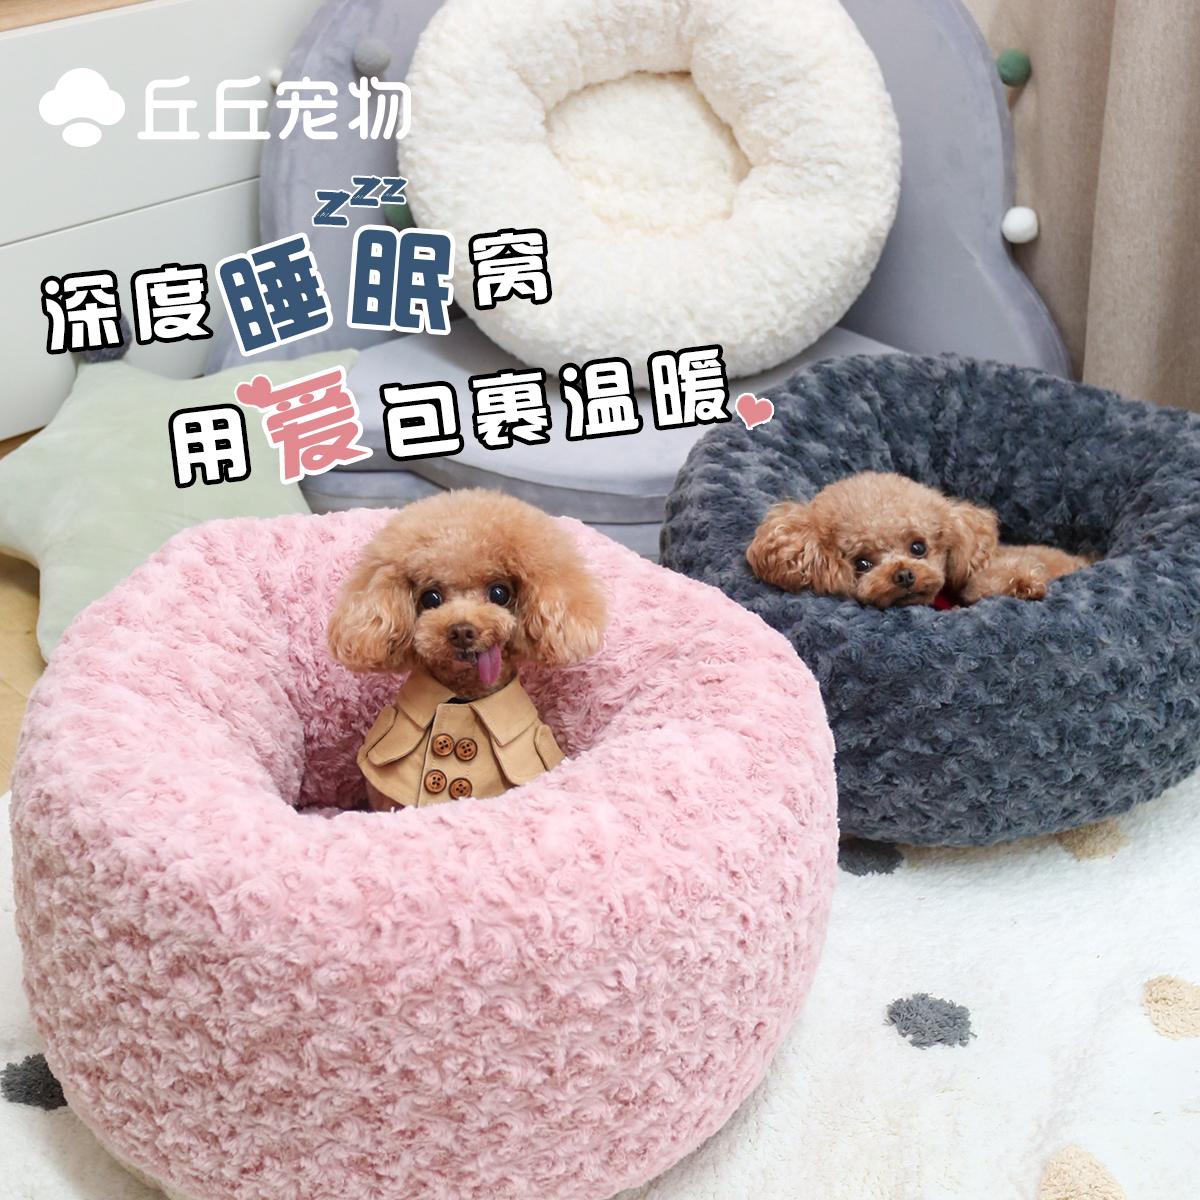 丘丘宠物-深度睡眠窝网红款保暖狗窝猫窝通用(整窝机洗不变型)